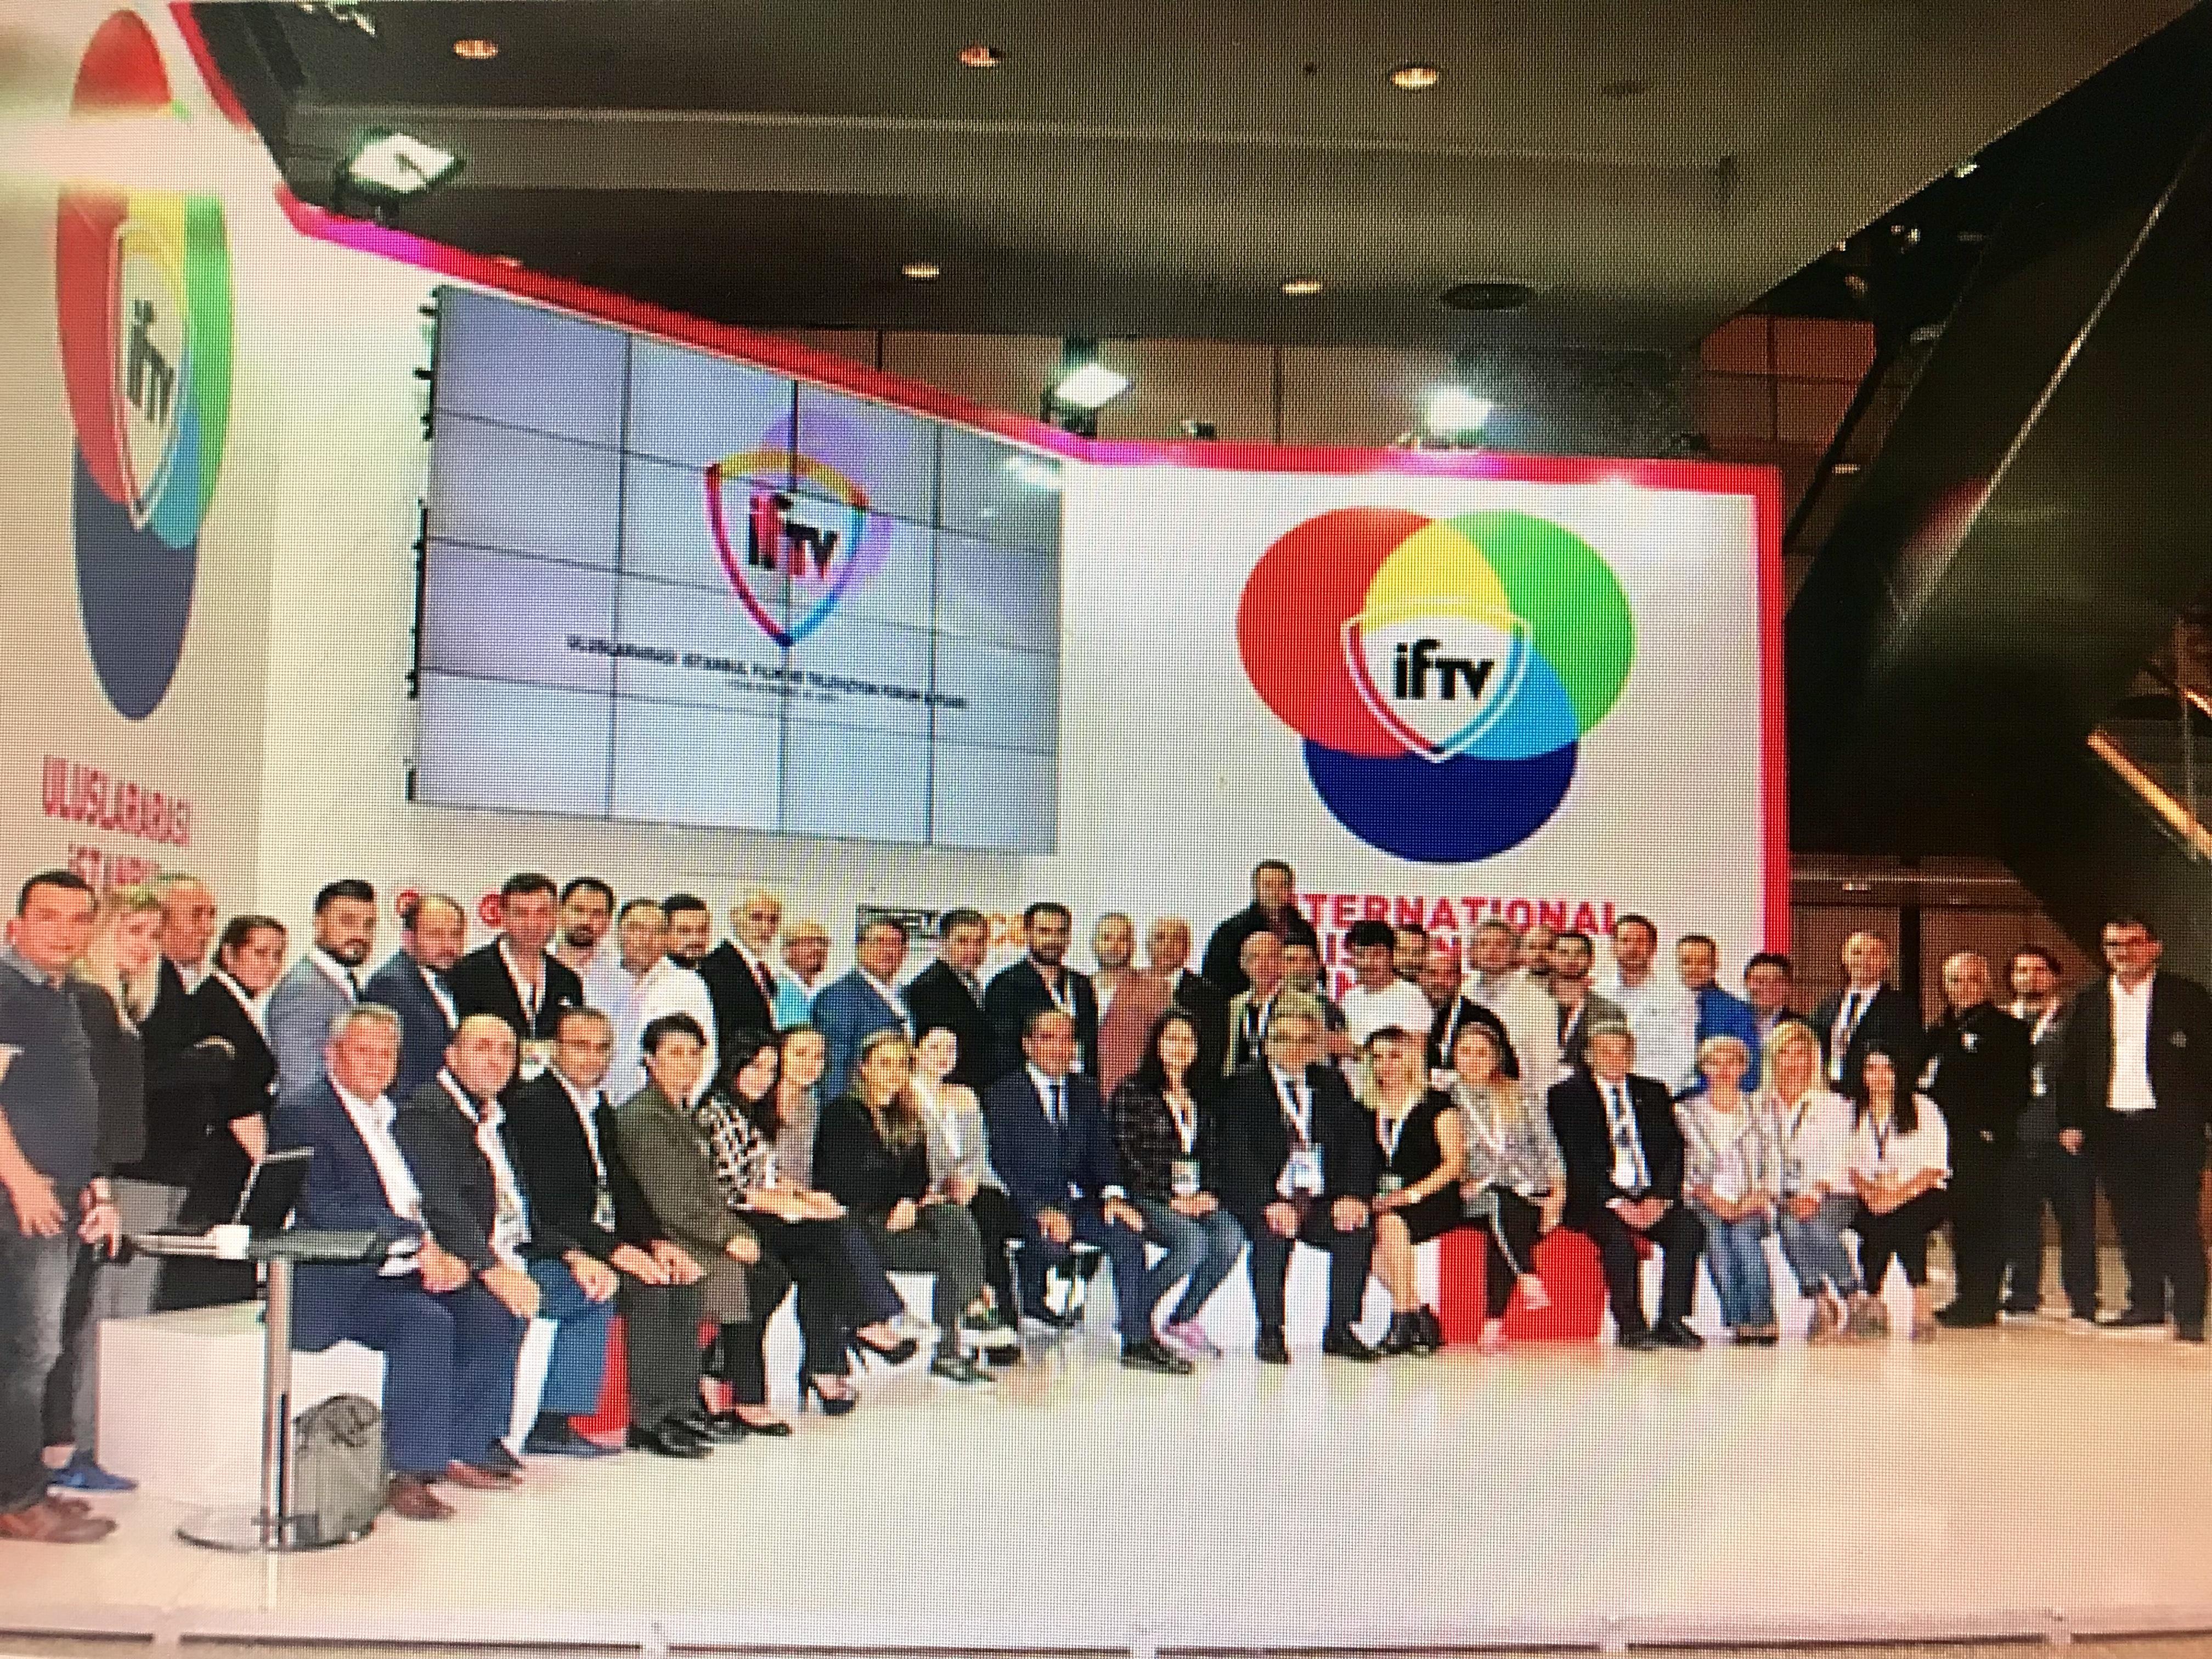 IFTV ULUSLARARASI İSTANBUL FİLM RADYO VE TELEVİZYON FUARI 2017